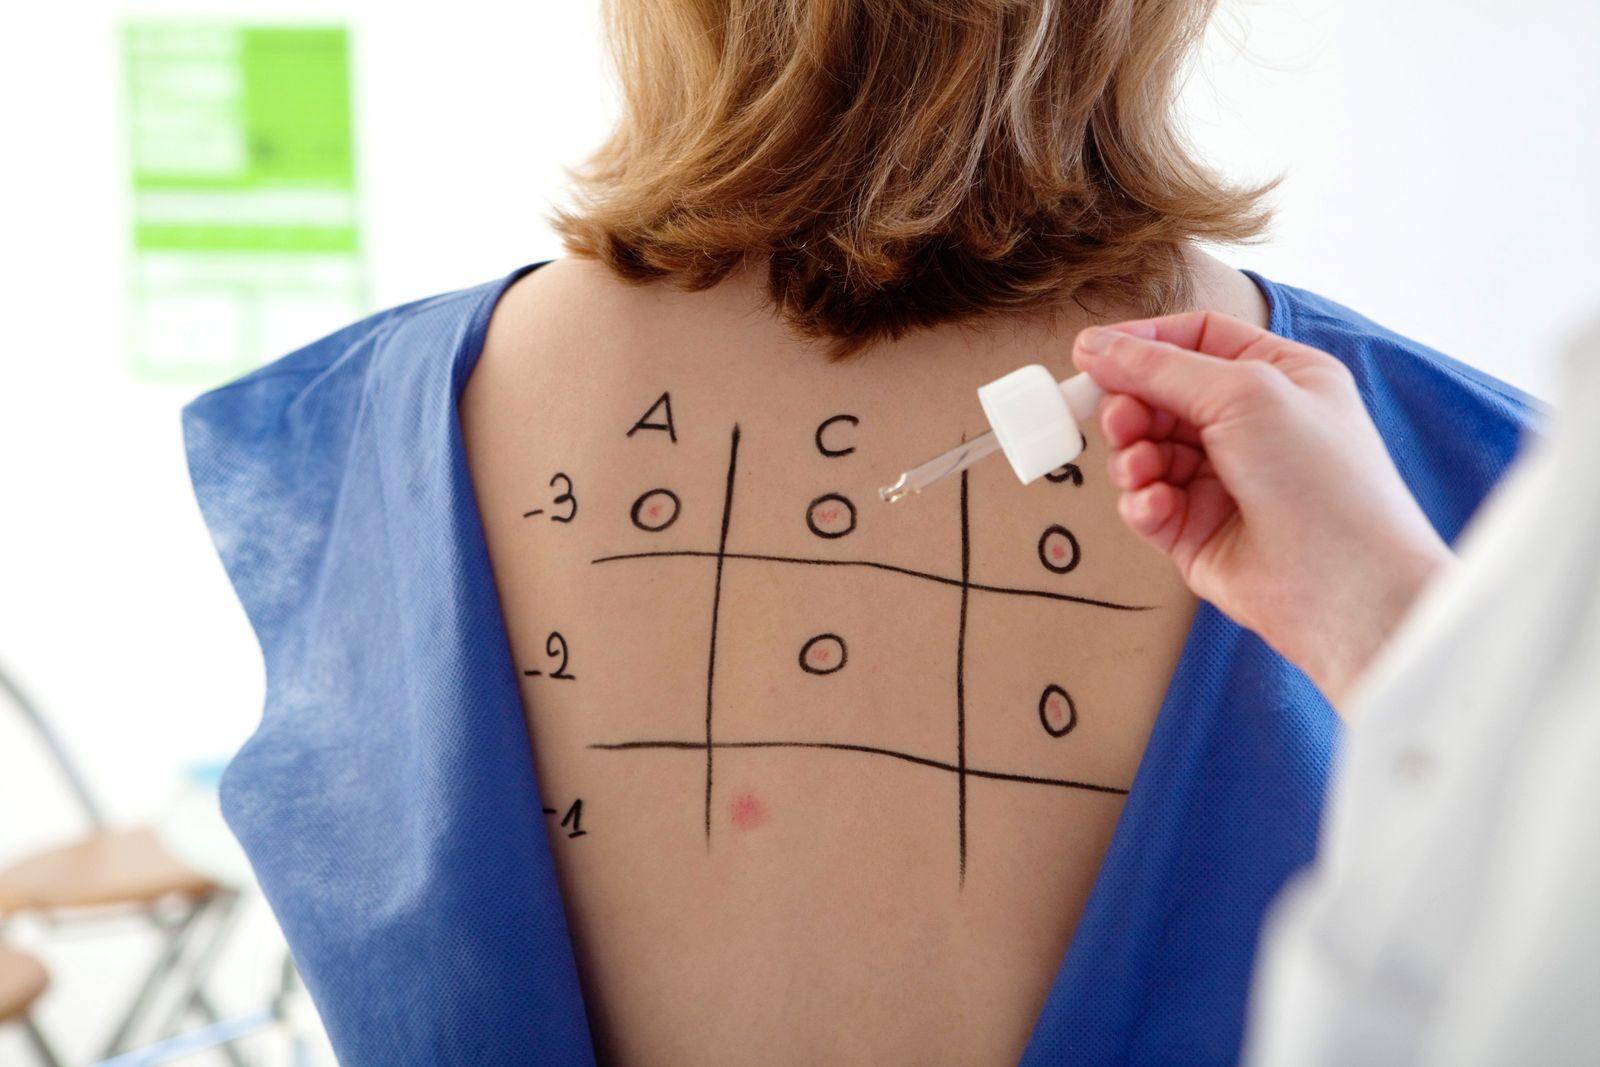 NICHT MEHR VERWENDEN! - Symbol / Allergien / Allergietest / Hauttest